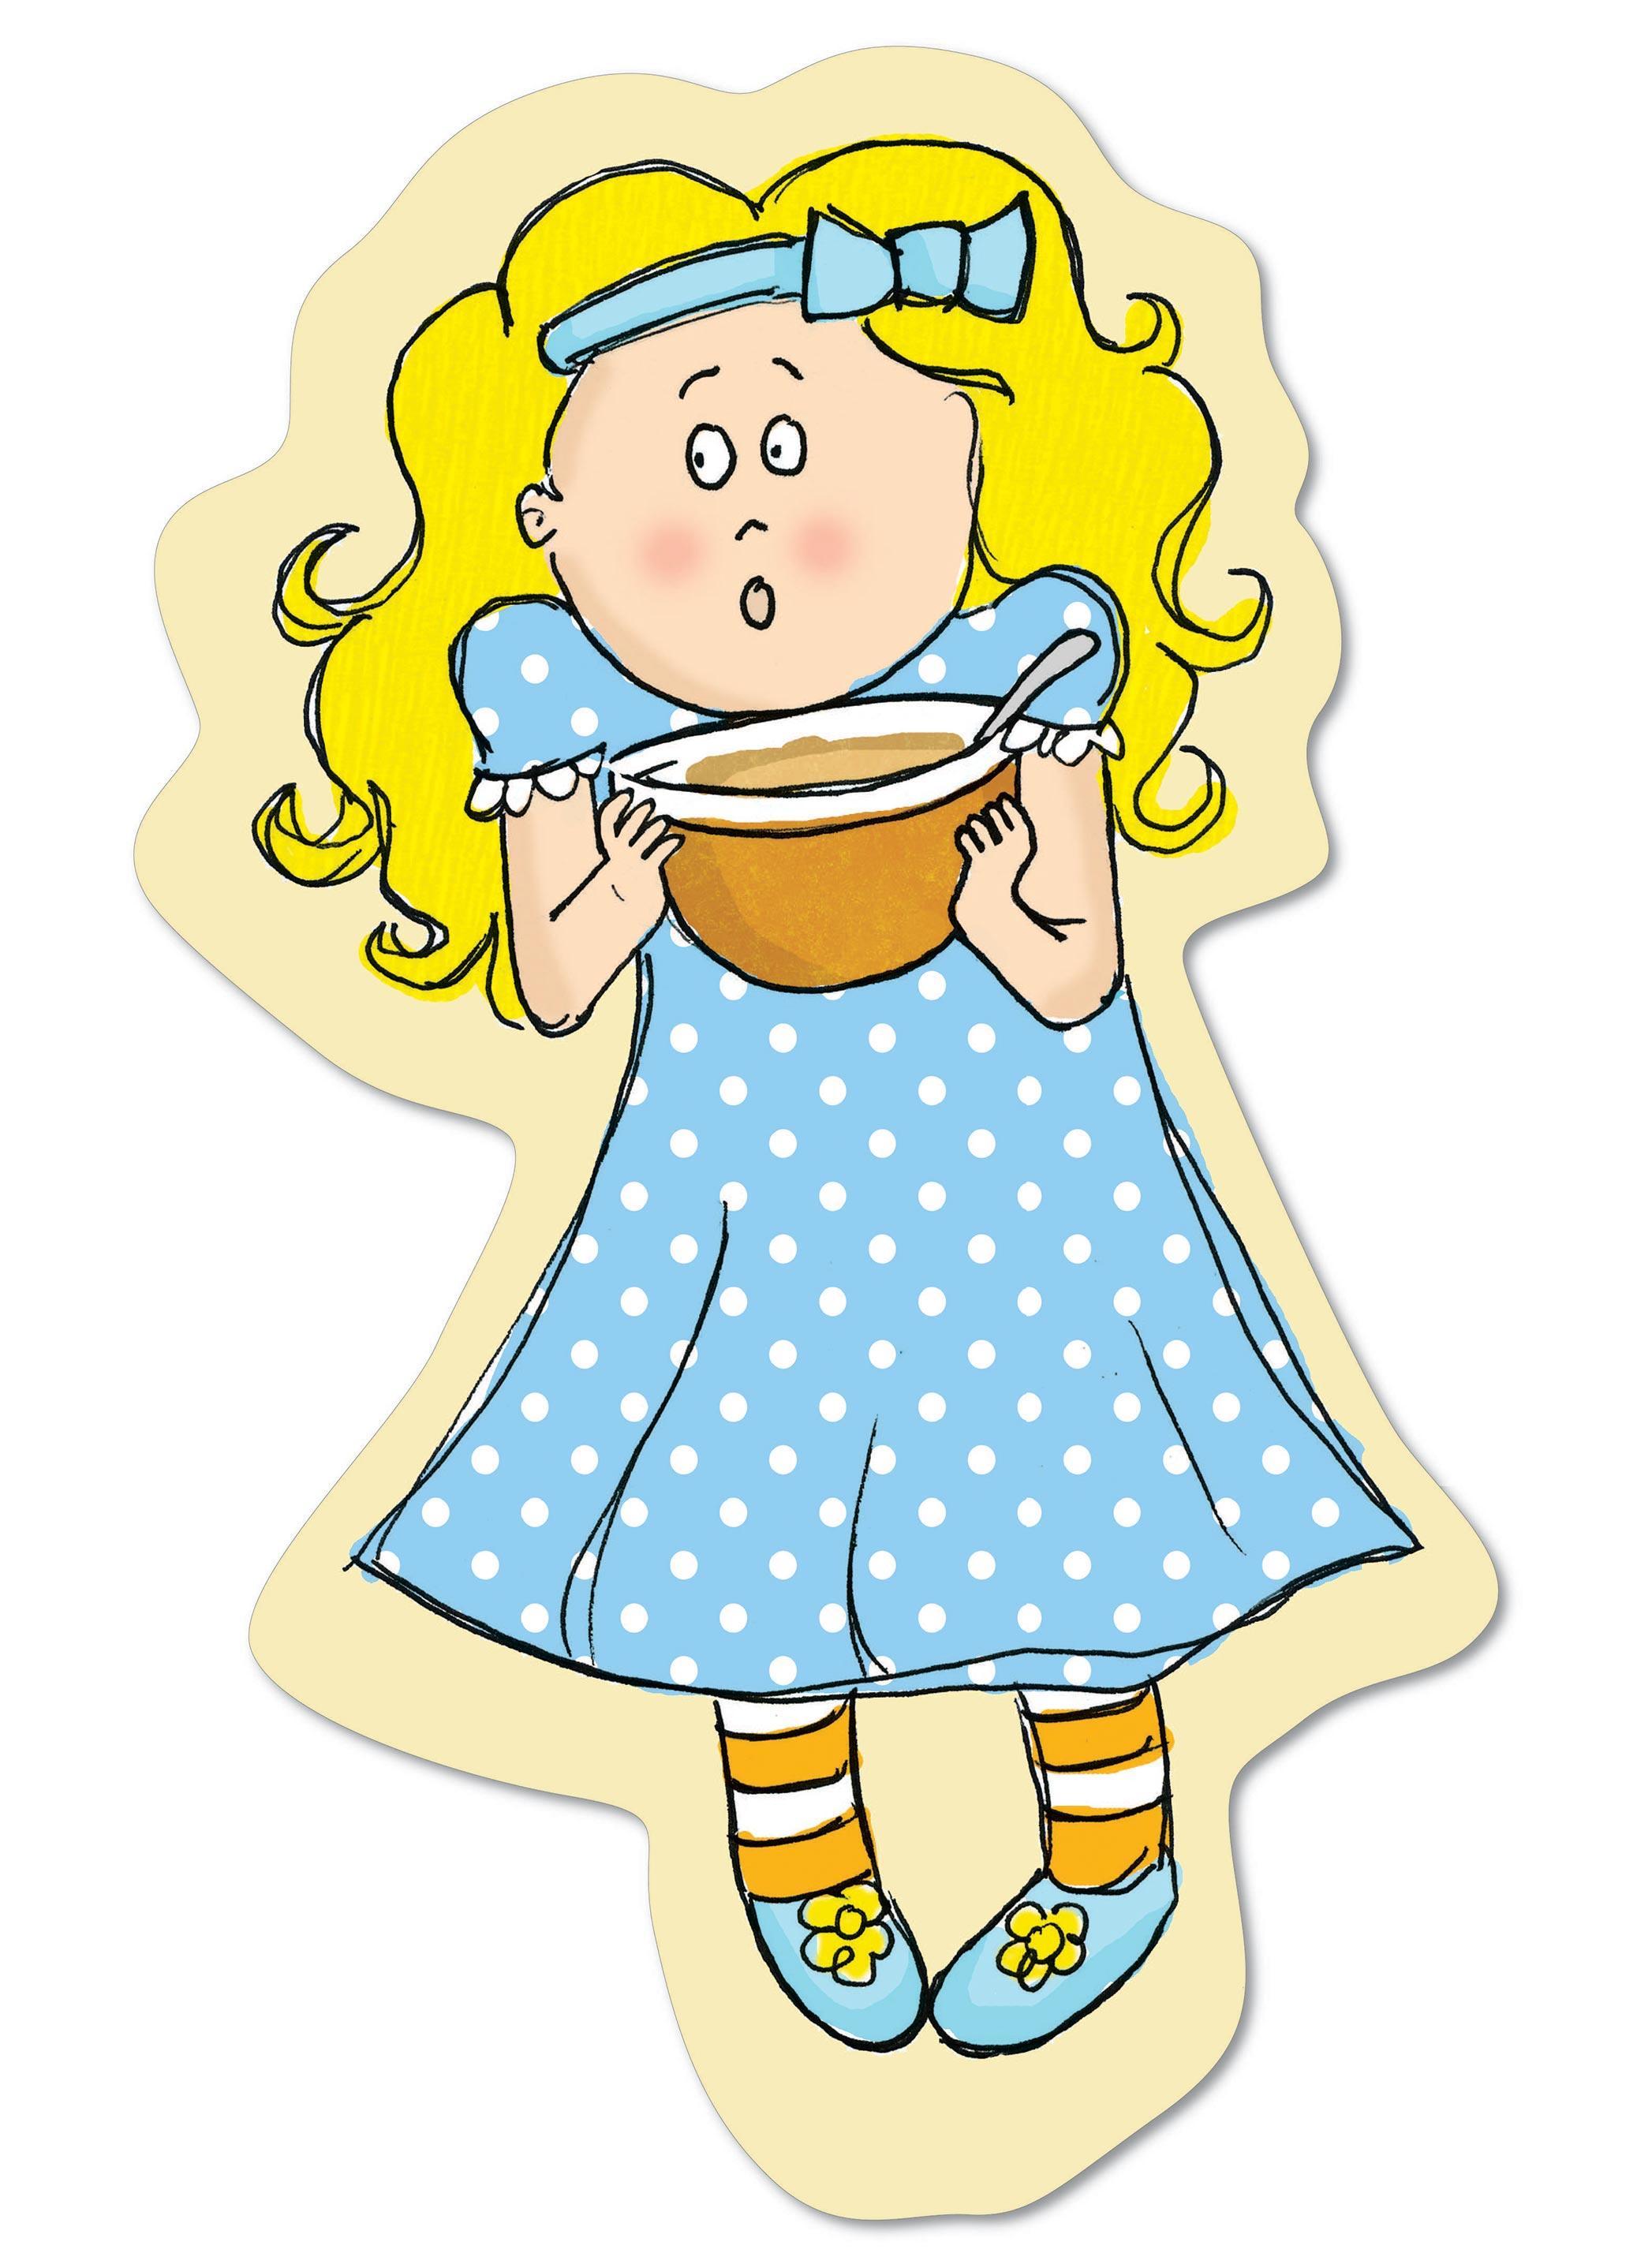 goldilocks clipart at getdrawings com free for personal use rh getdrawings com goldilocks house clipart goldilocks cute clipart